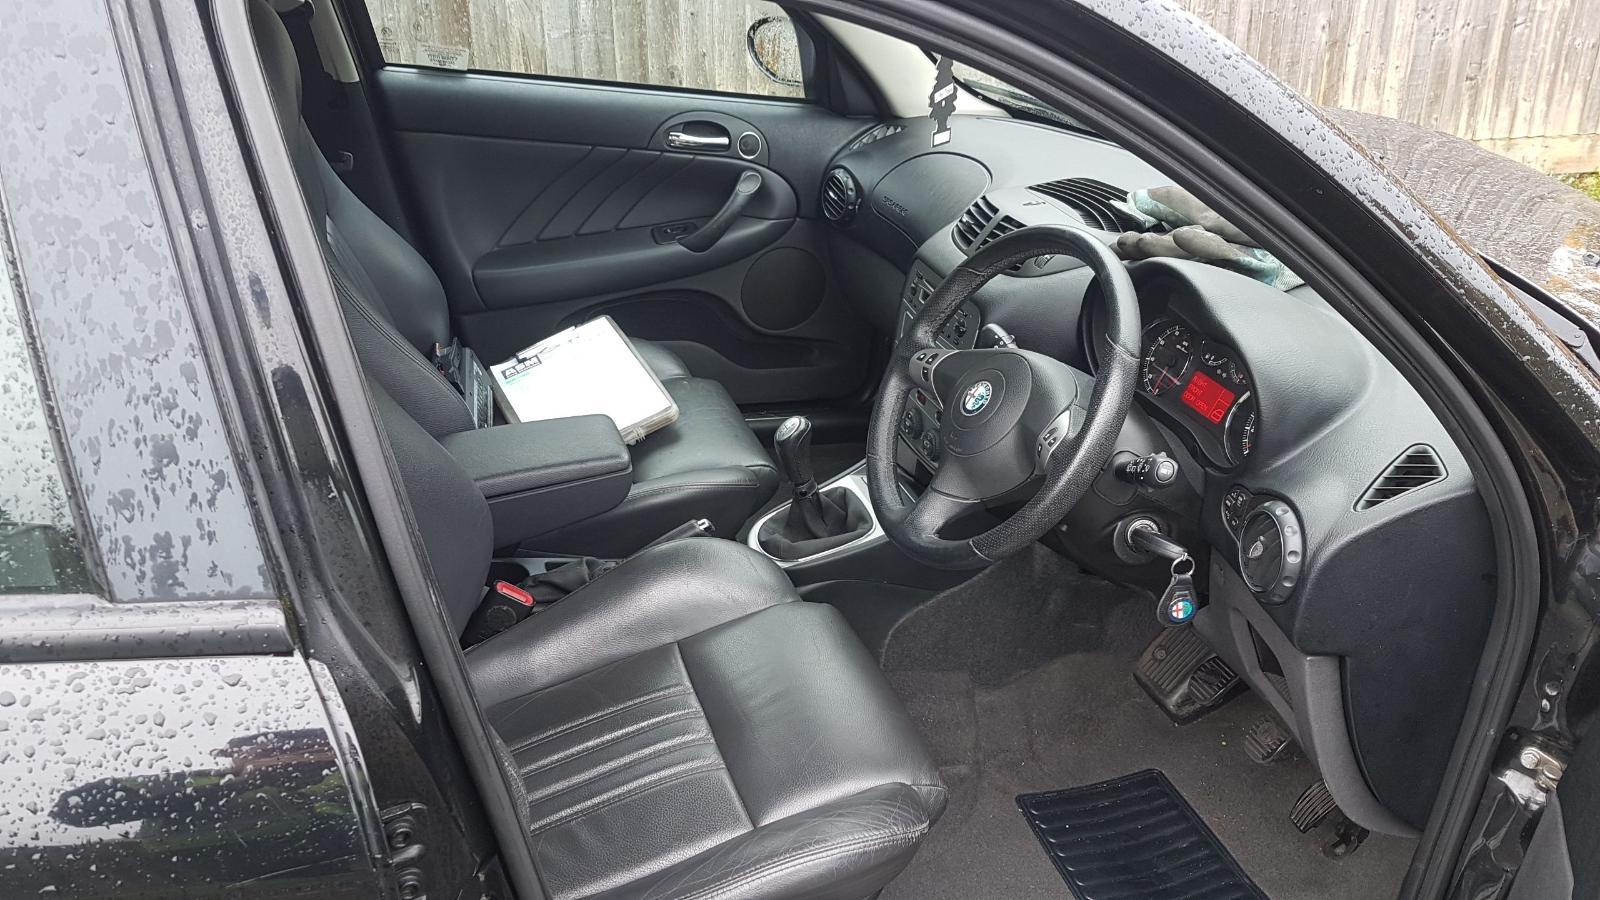 Image for a Alfa Romeo 147 2008 5 Door Hatchback